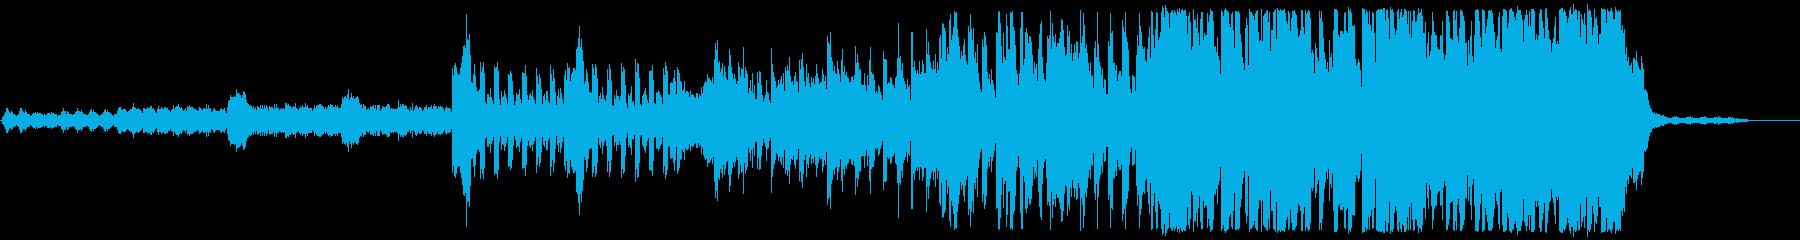 現代的 交響曲 バトル 焦り ドラ...の再生済みの波形